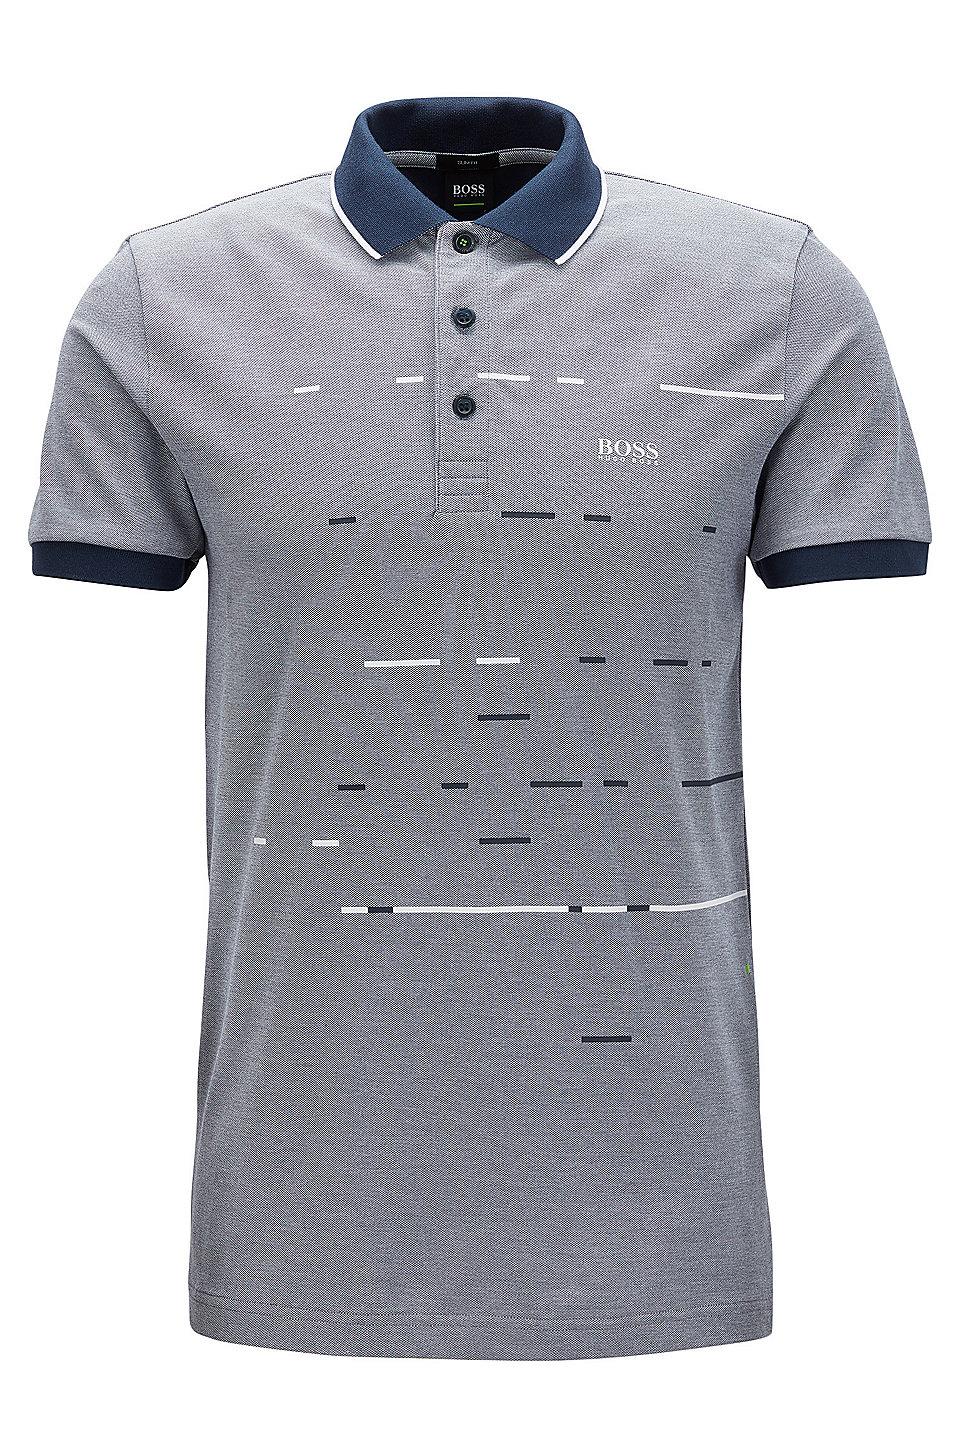 Boss Cotton Blend Polo Shirt Slim Fit Paule